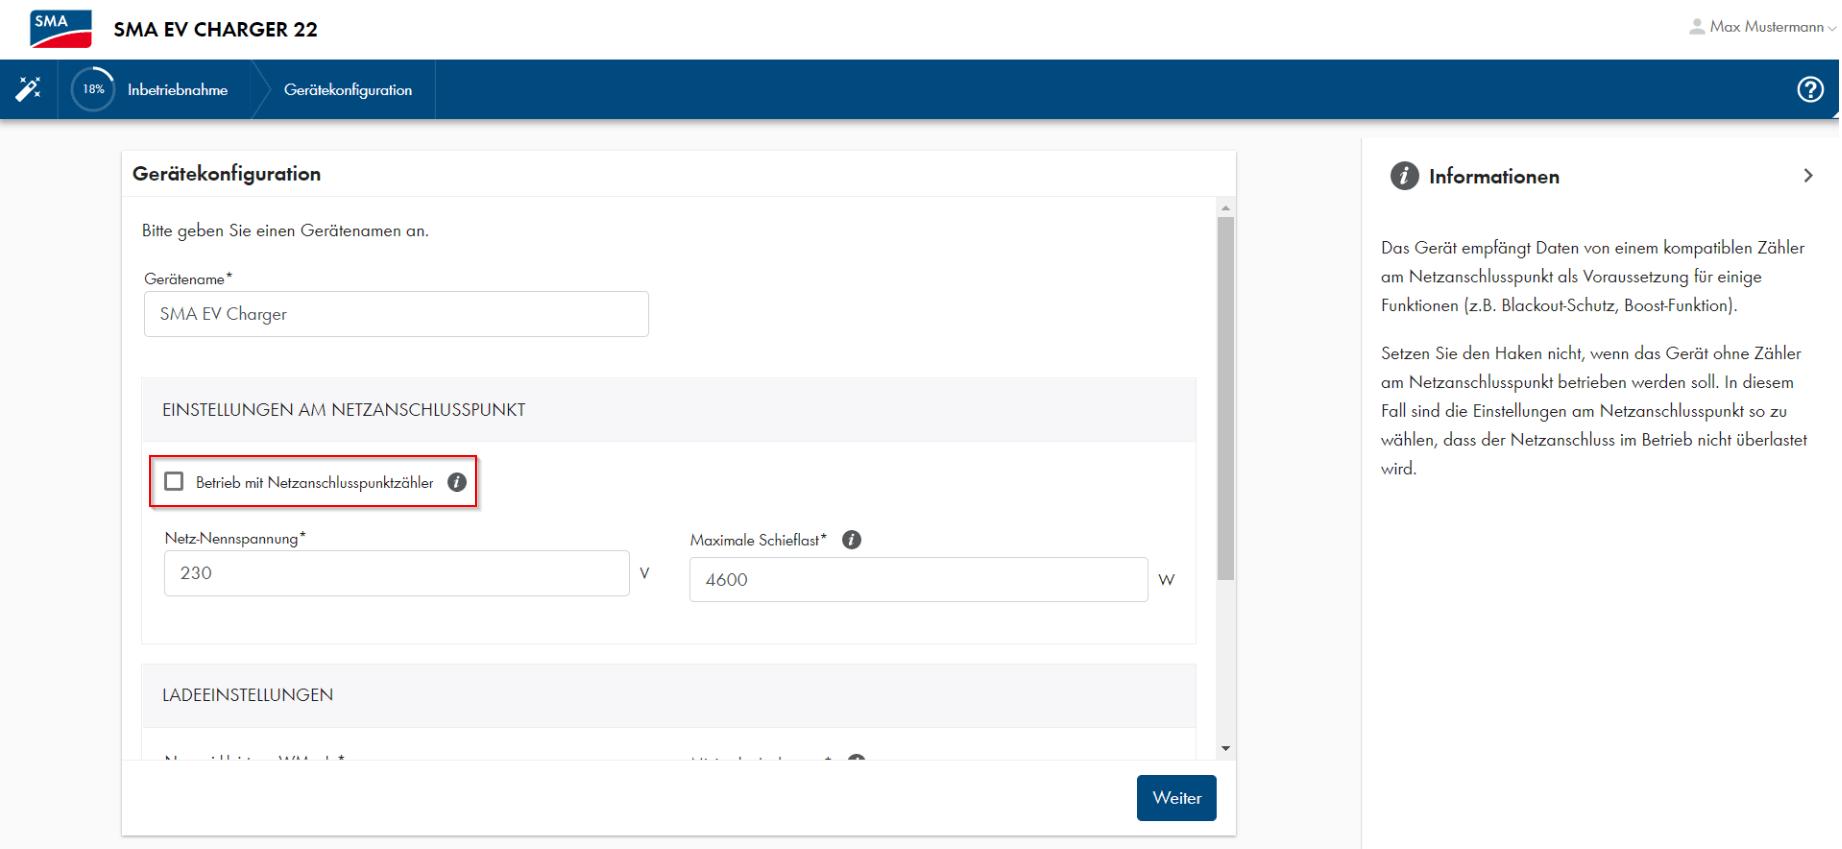 SMA EV Charger_Betrieb mit Netzanschlusspunktzähler